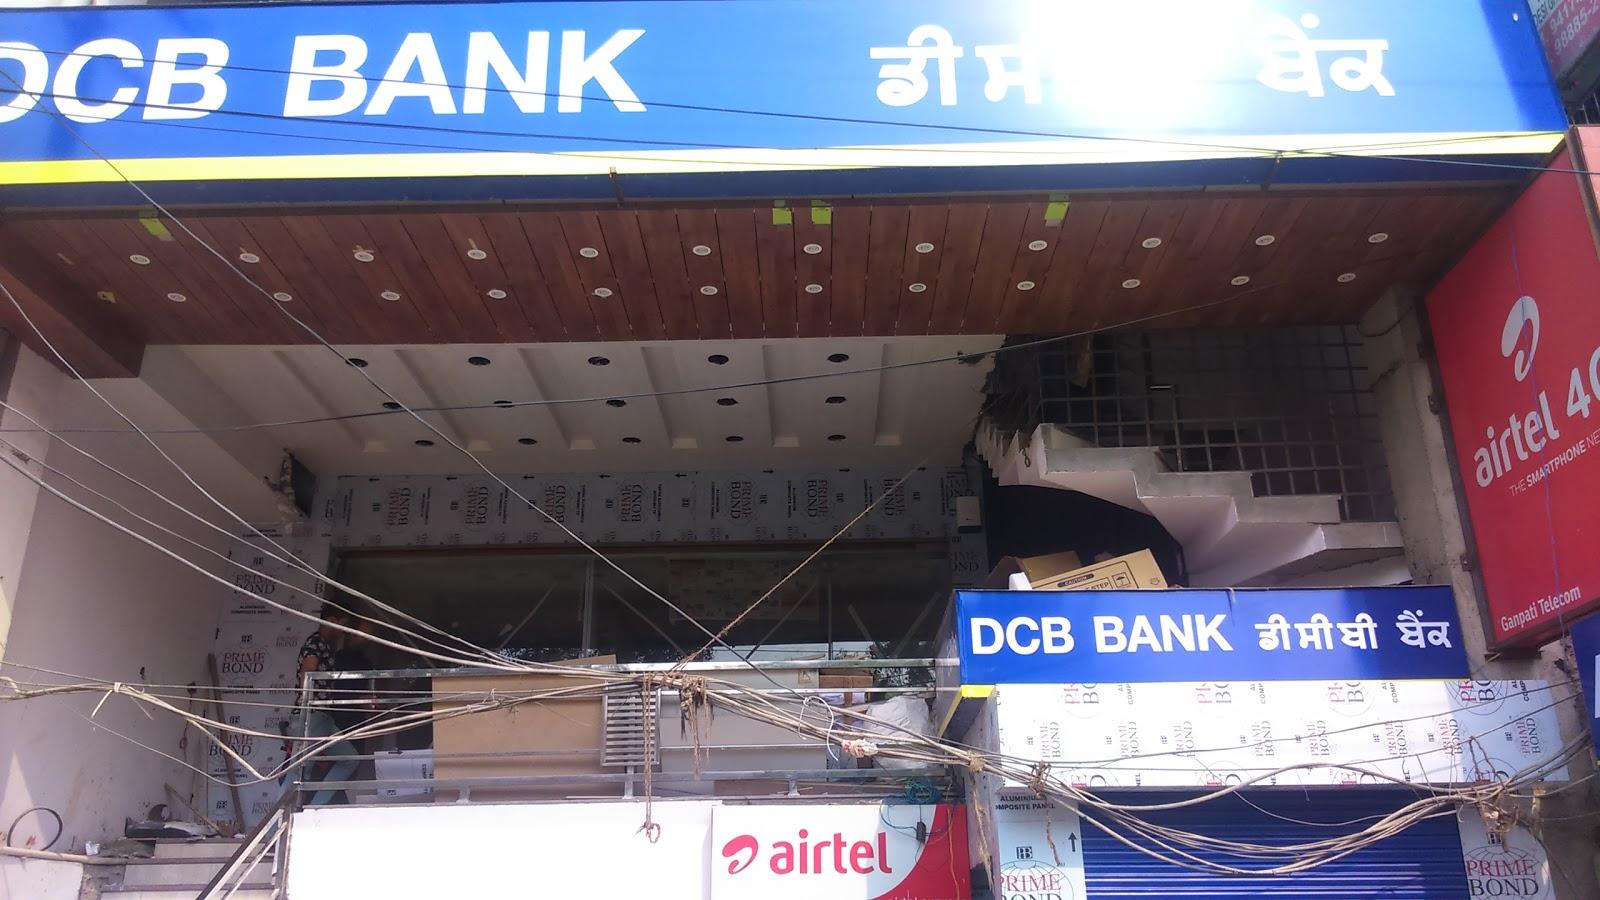 blood bank DCB Bank near Amritsar Punjab